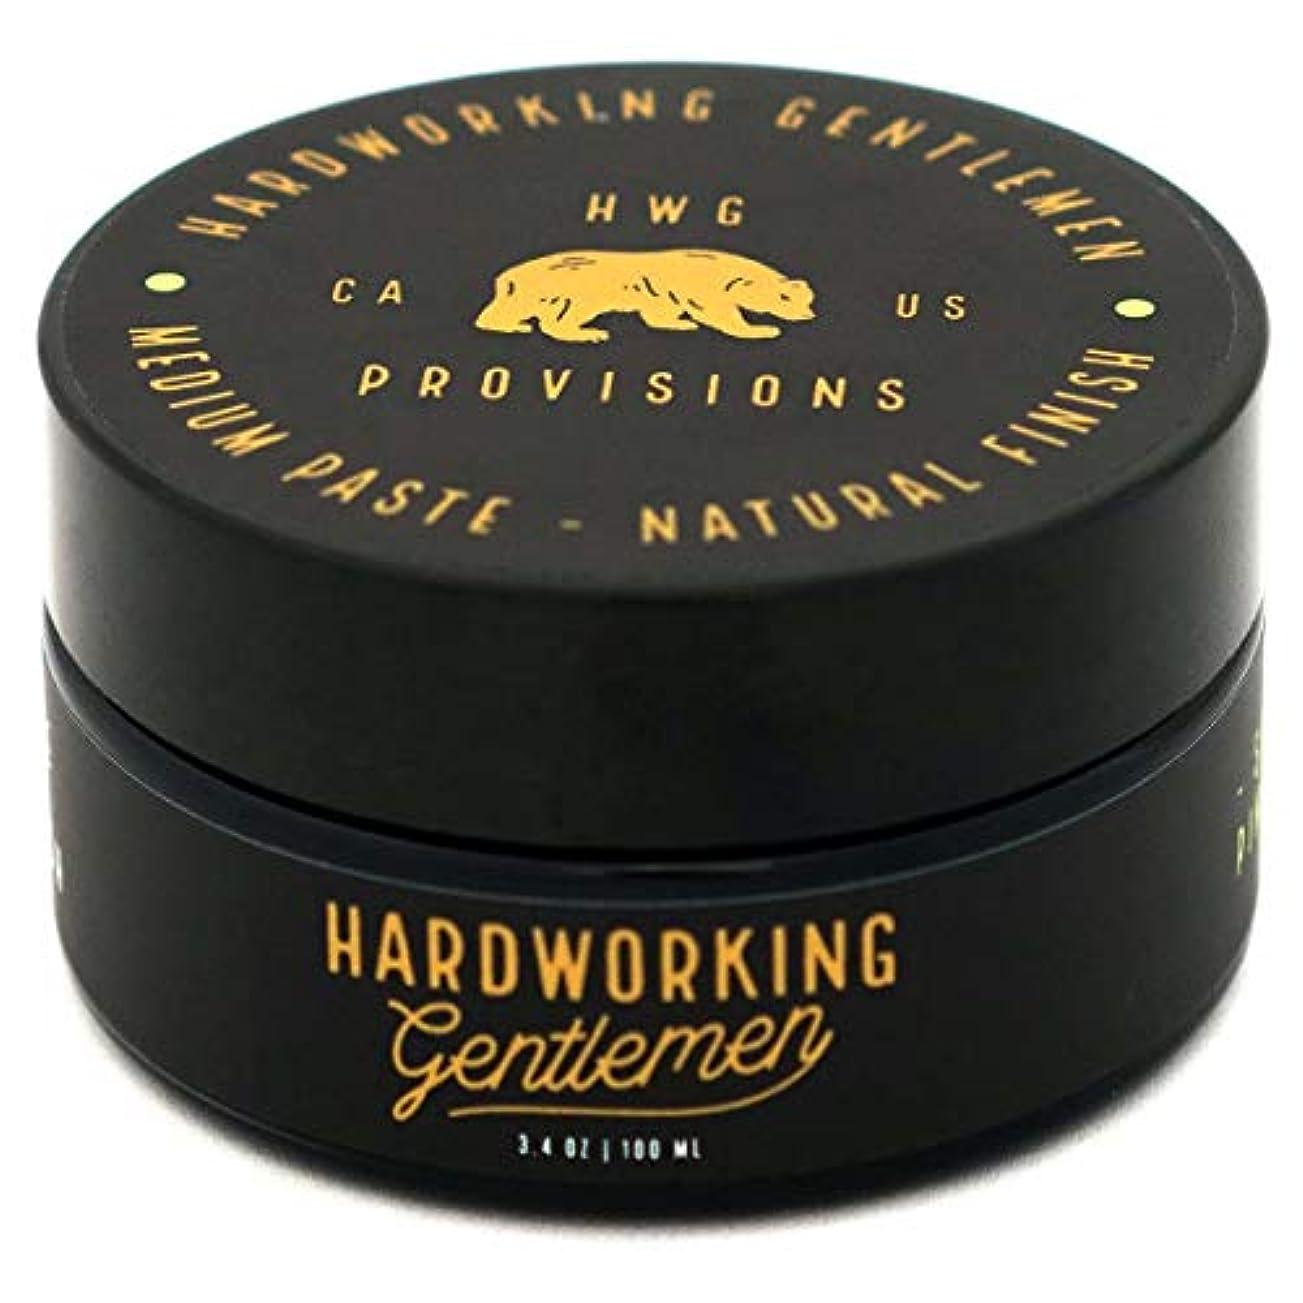 華氏手錠おなじみのHardworking Gentlemen (ハードワーキング ジェントルメン) Medium Paste ヘアワックス 100ml 天然成分 オーガニック